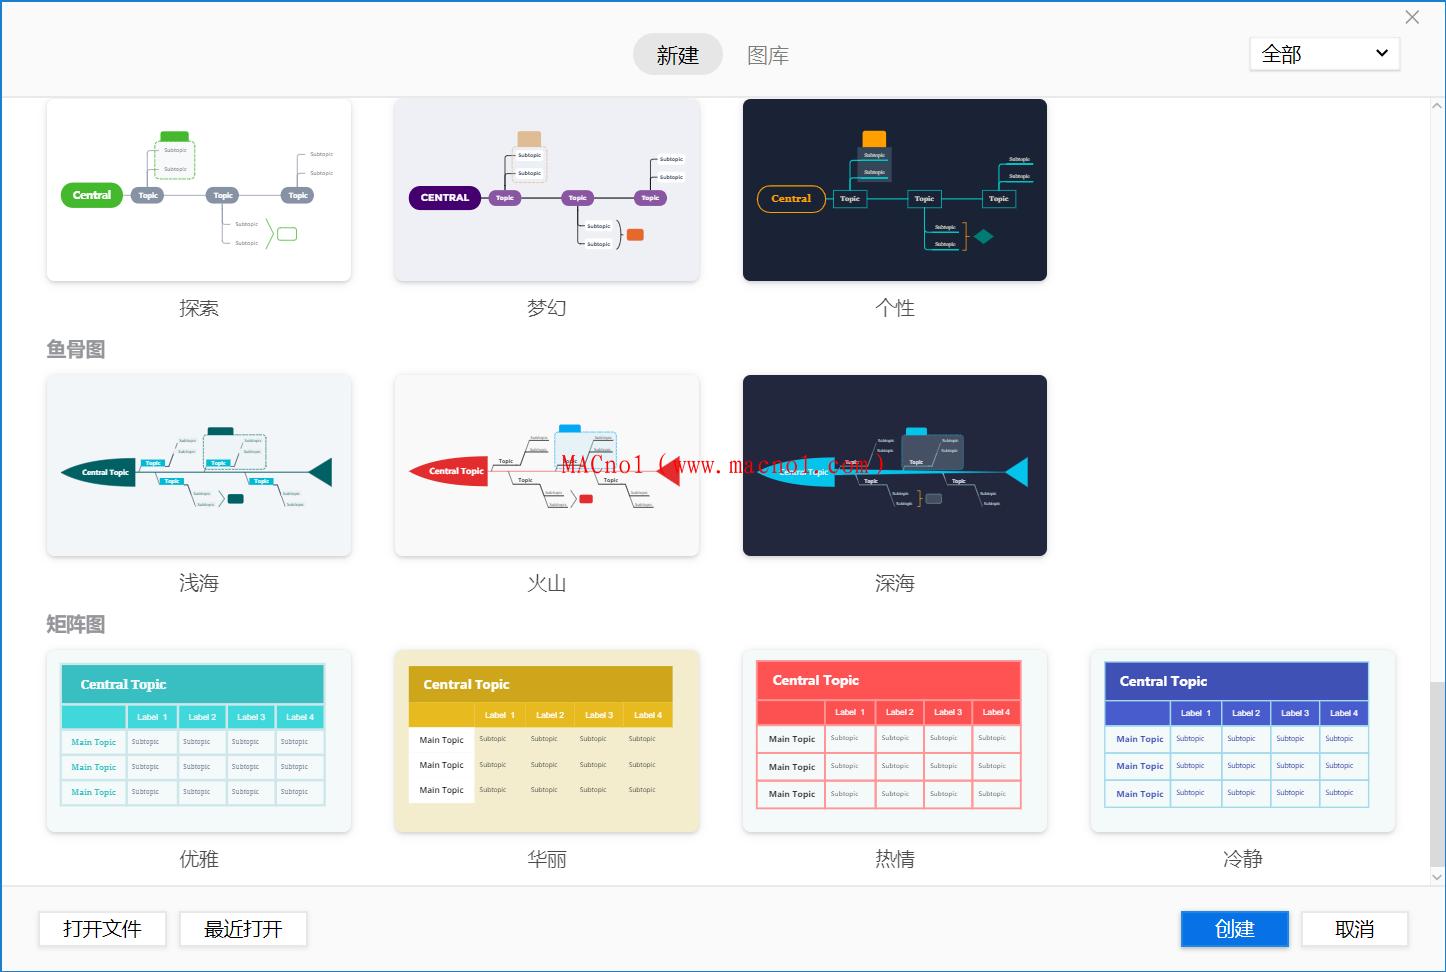 思维导图软件 XMind ZEN 2020 v10.1.3 破解版(附破解补丁)